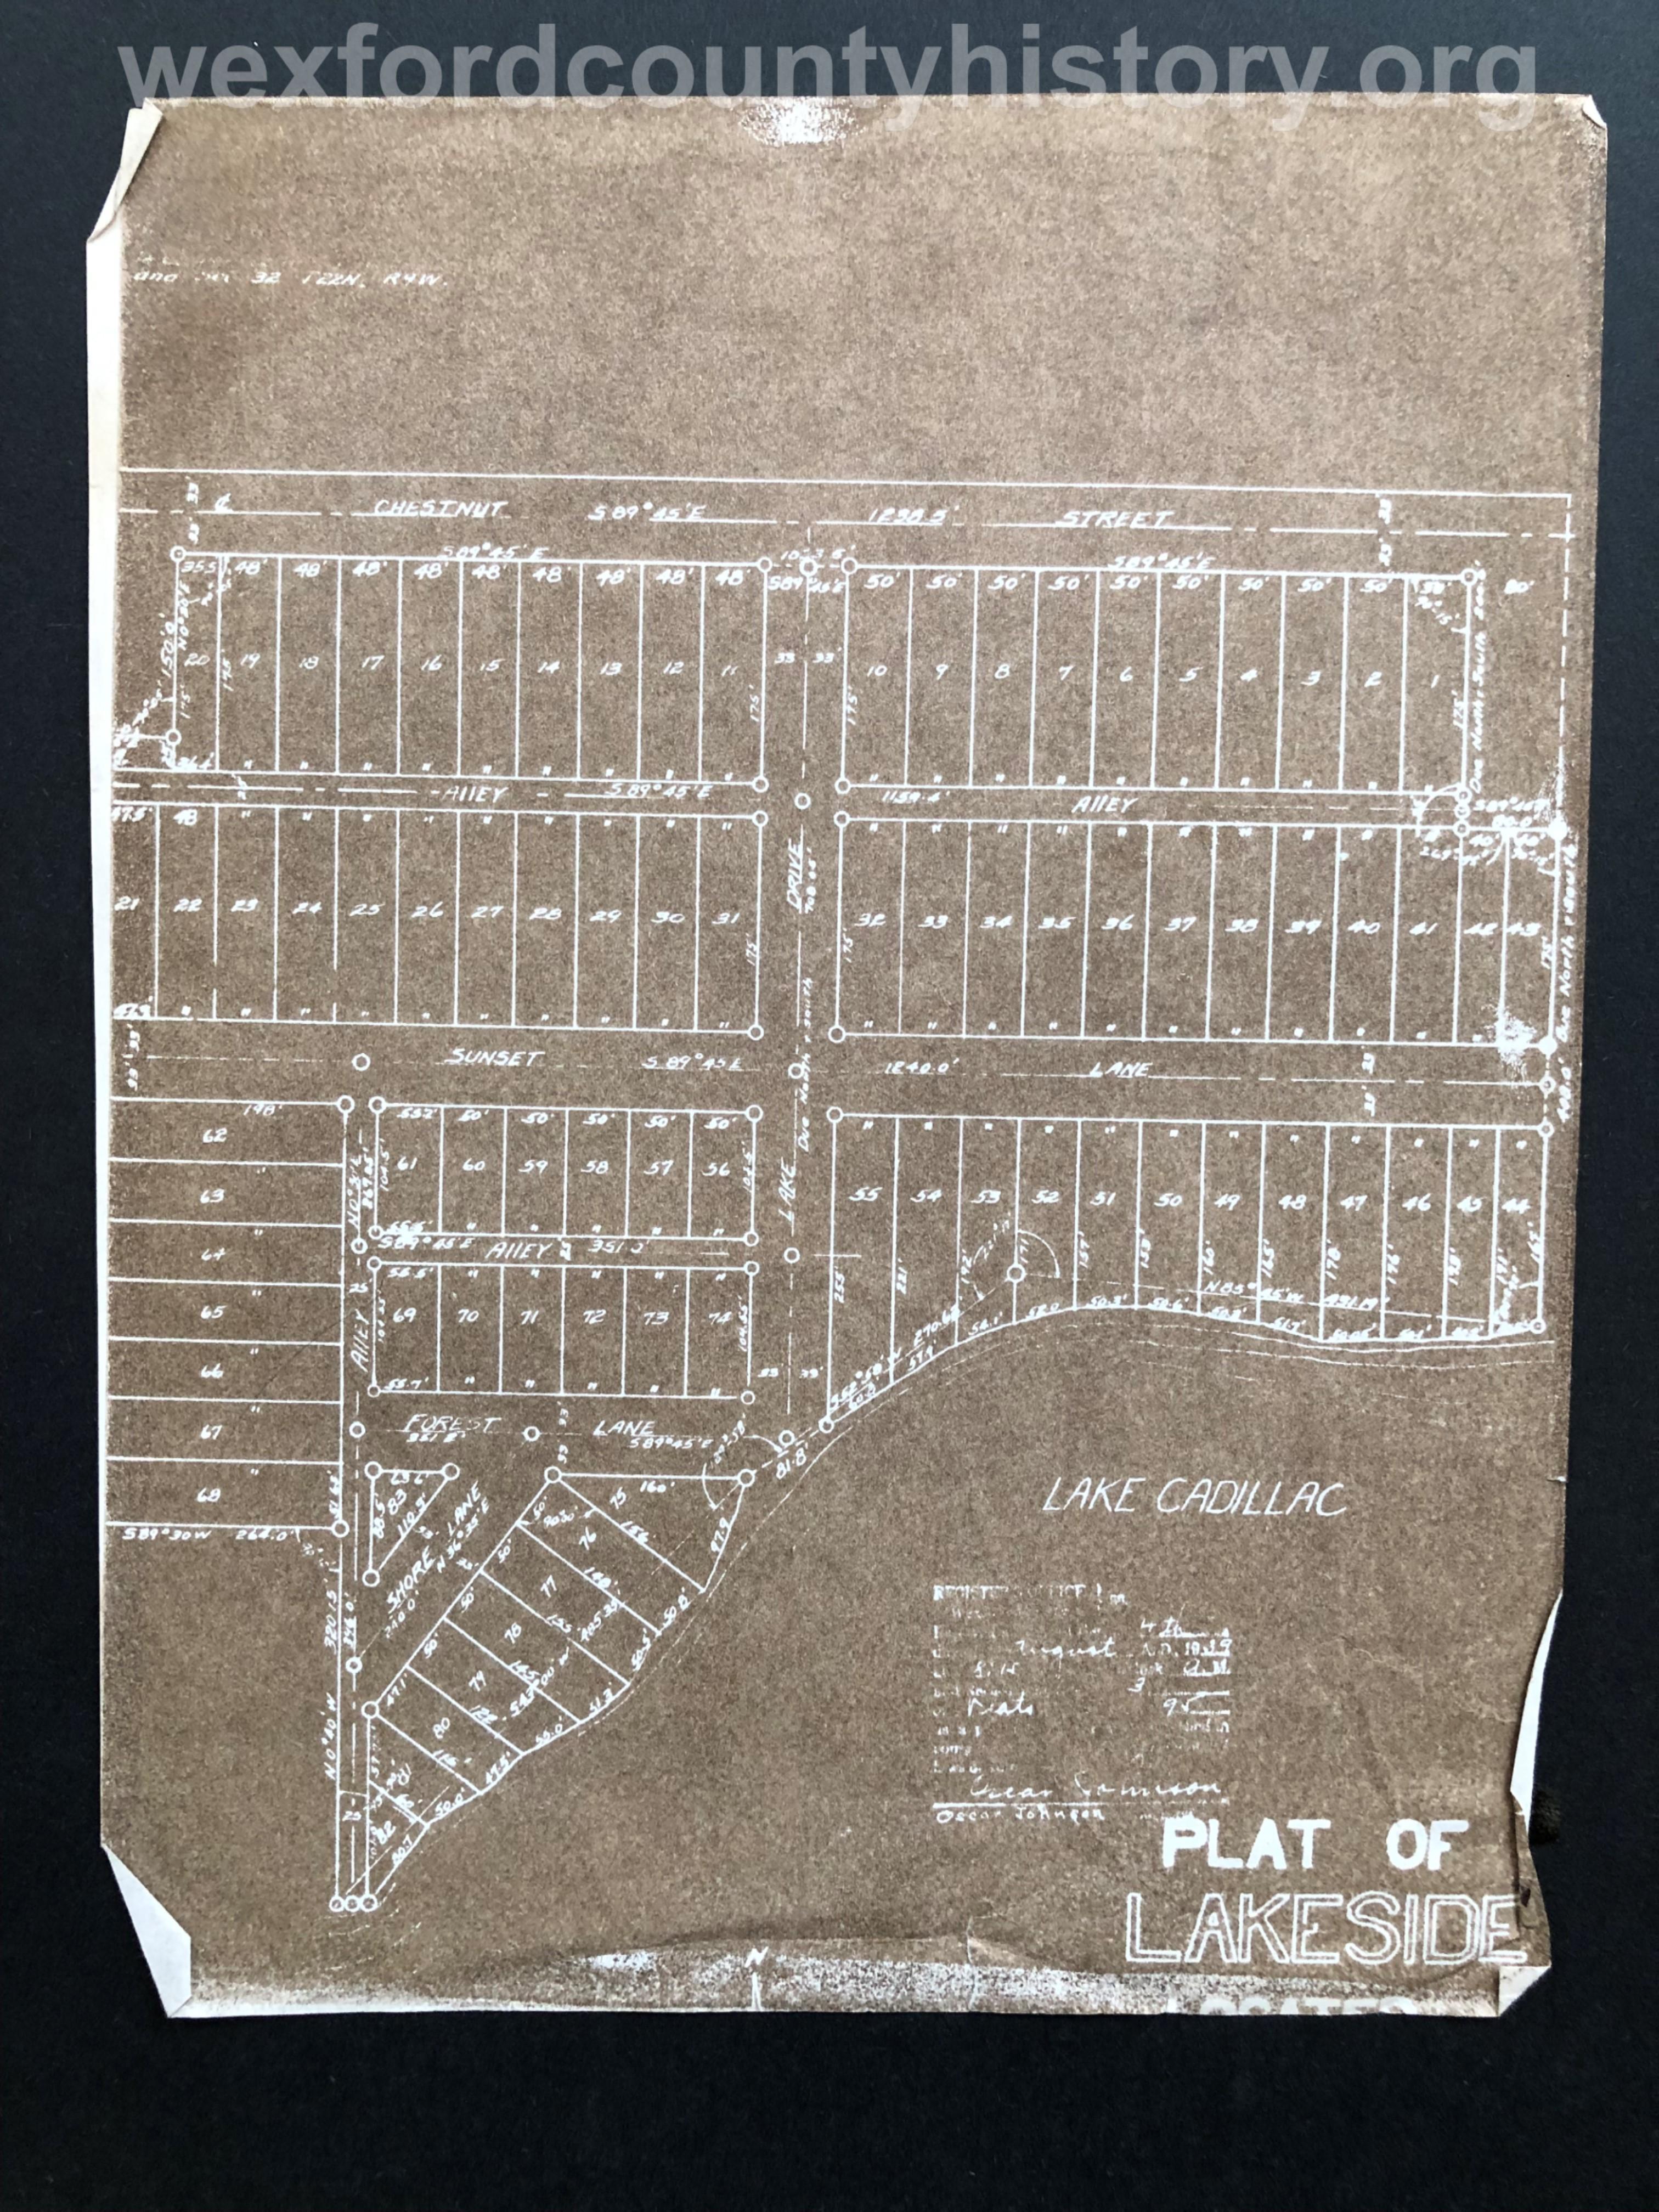 1939 - Lakeside